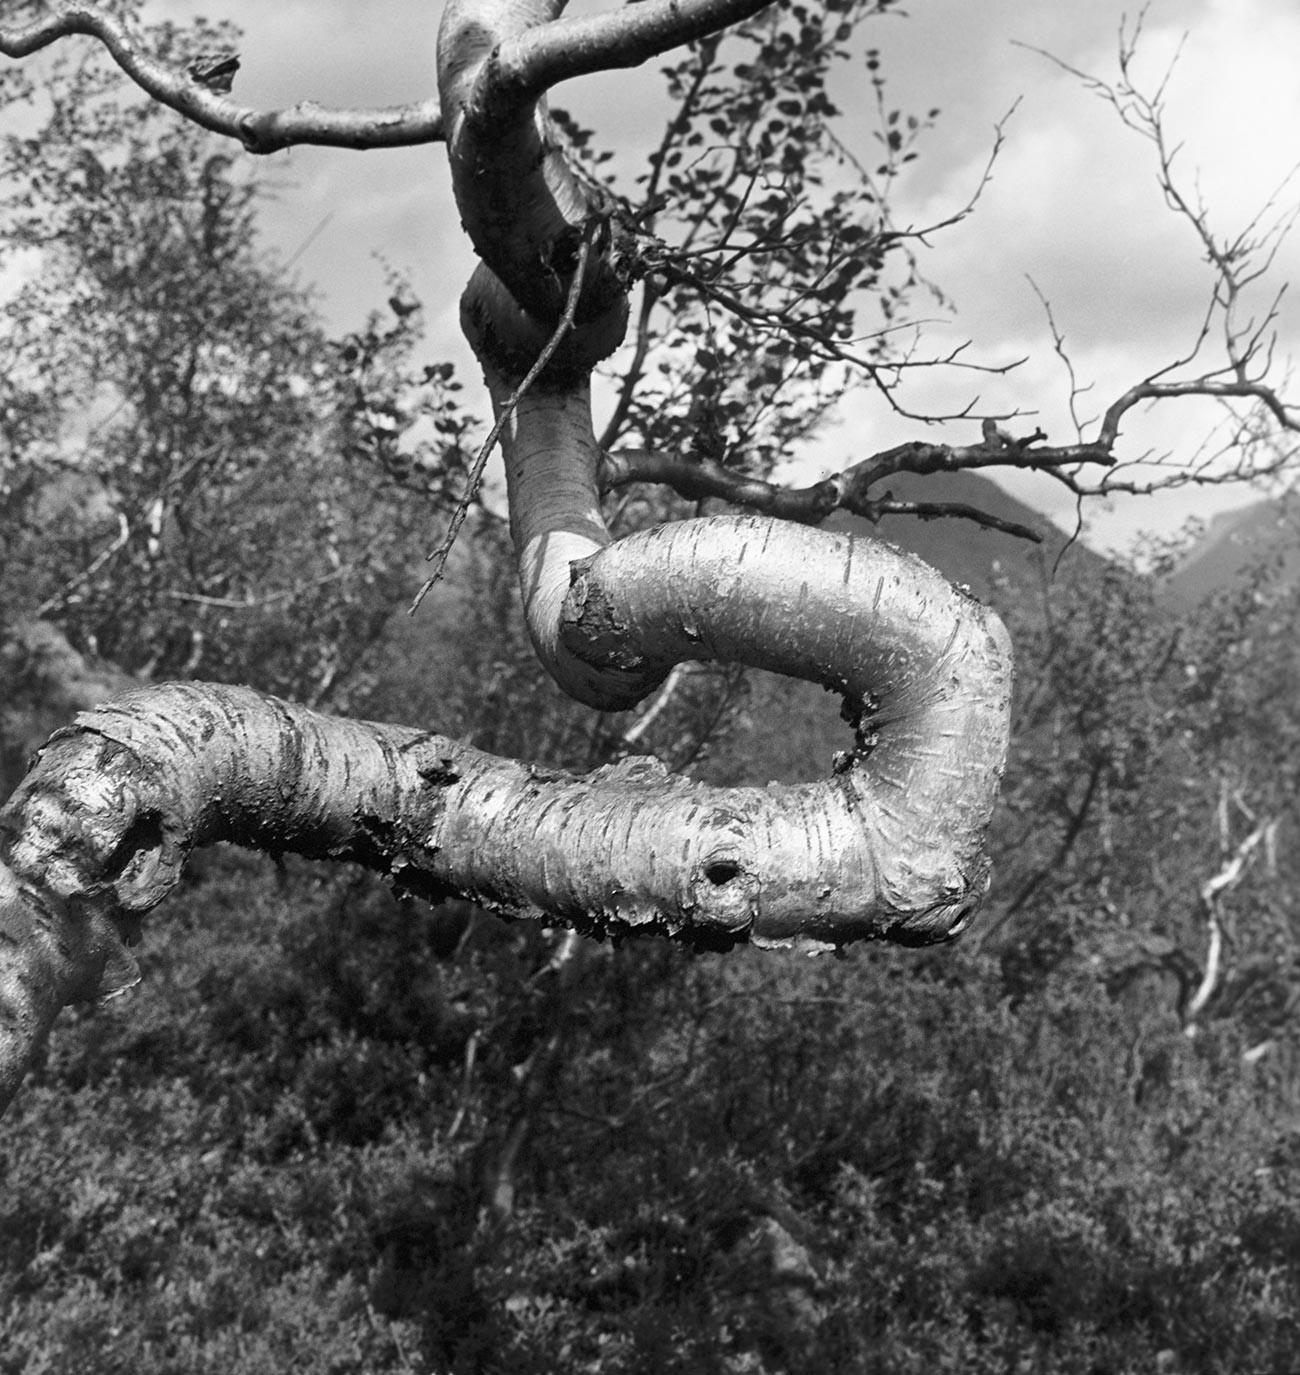 Ствол березы, искривленный северными ветрами. Фото сделано еще в советские годы.